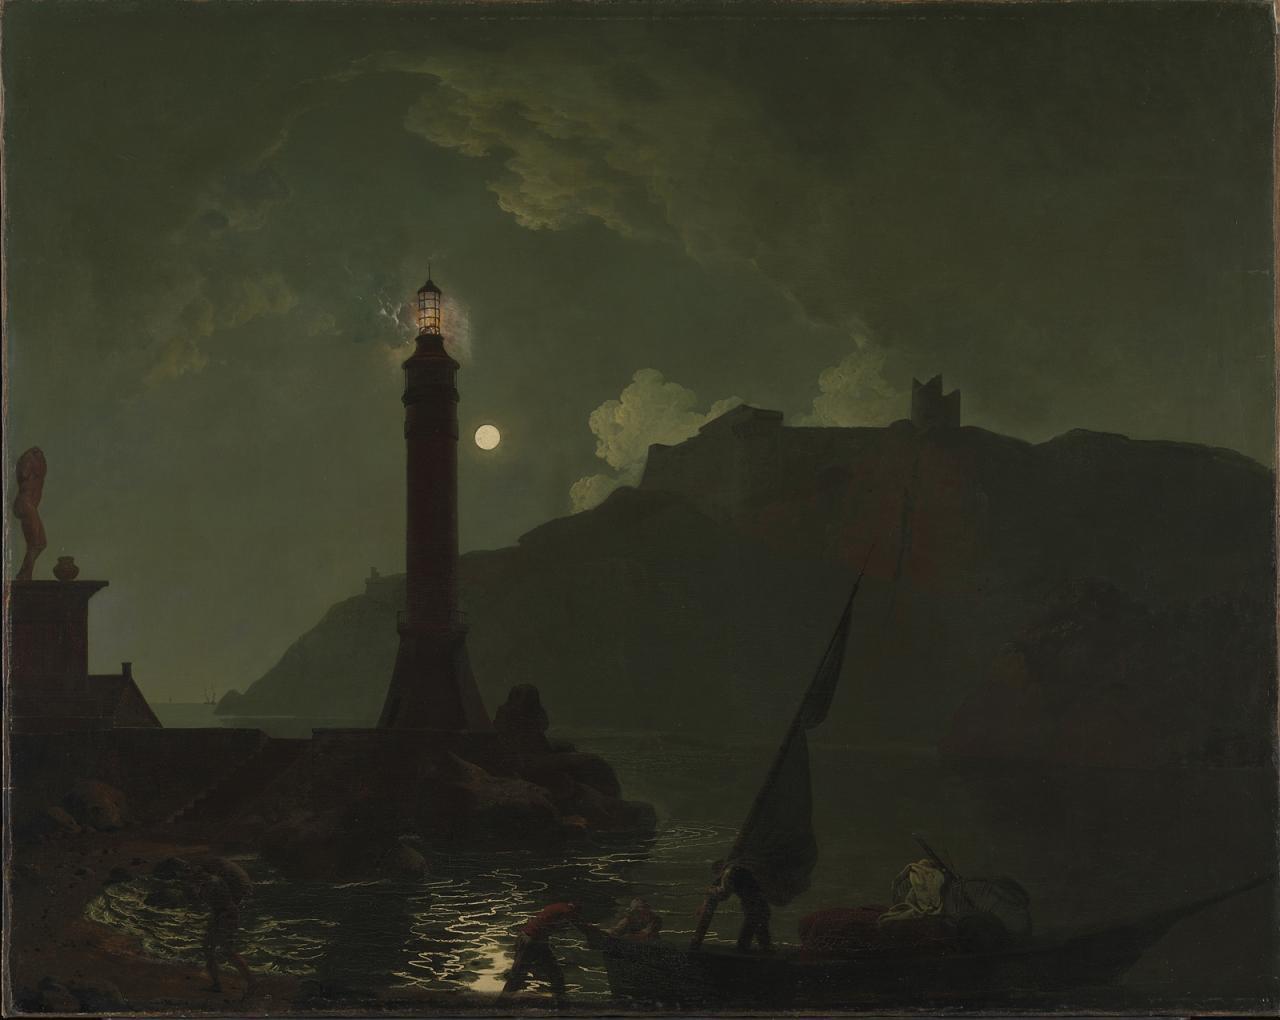 德比的约瑟夫.莱特《托斯卡尼海岸月夜下的灯塔》的图片